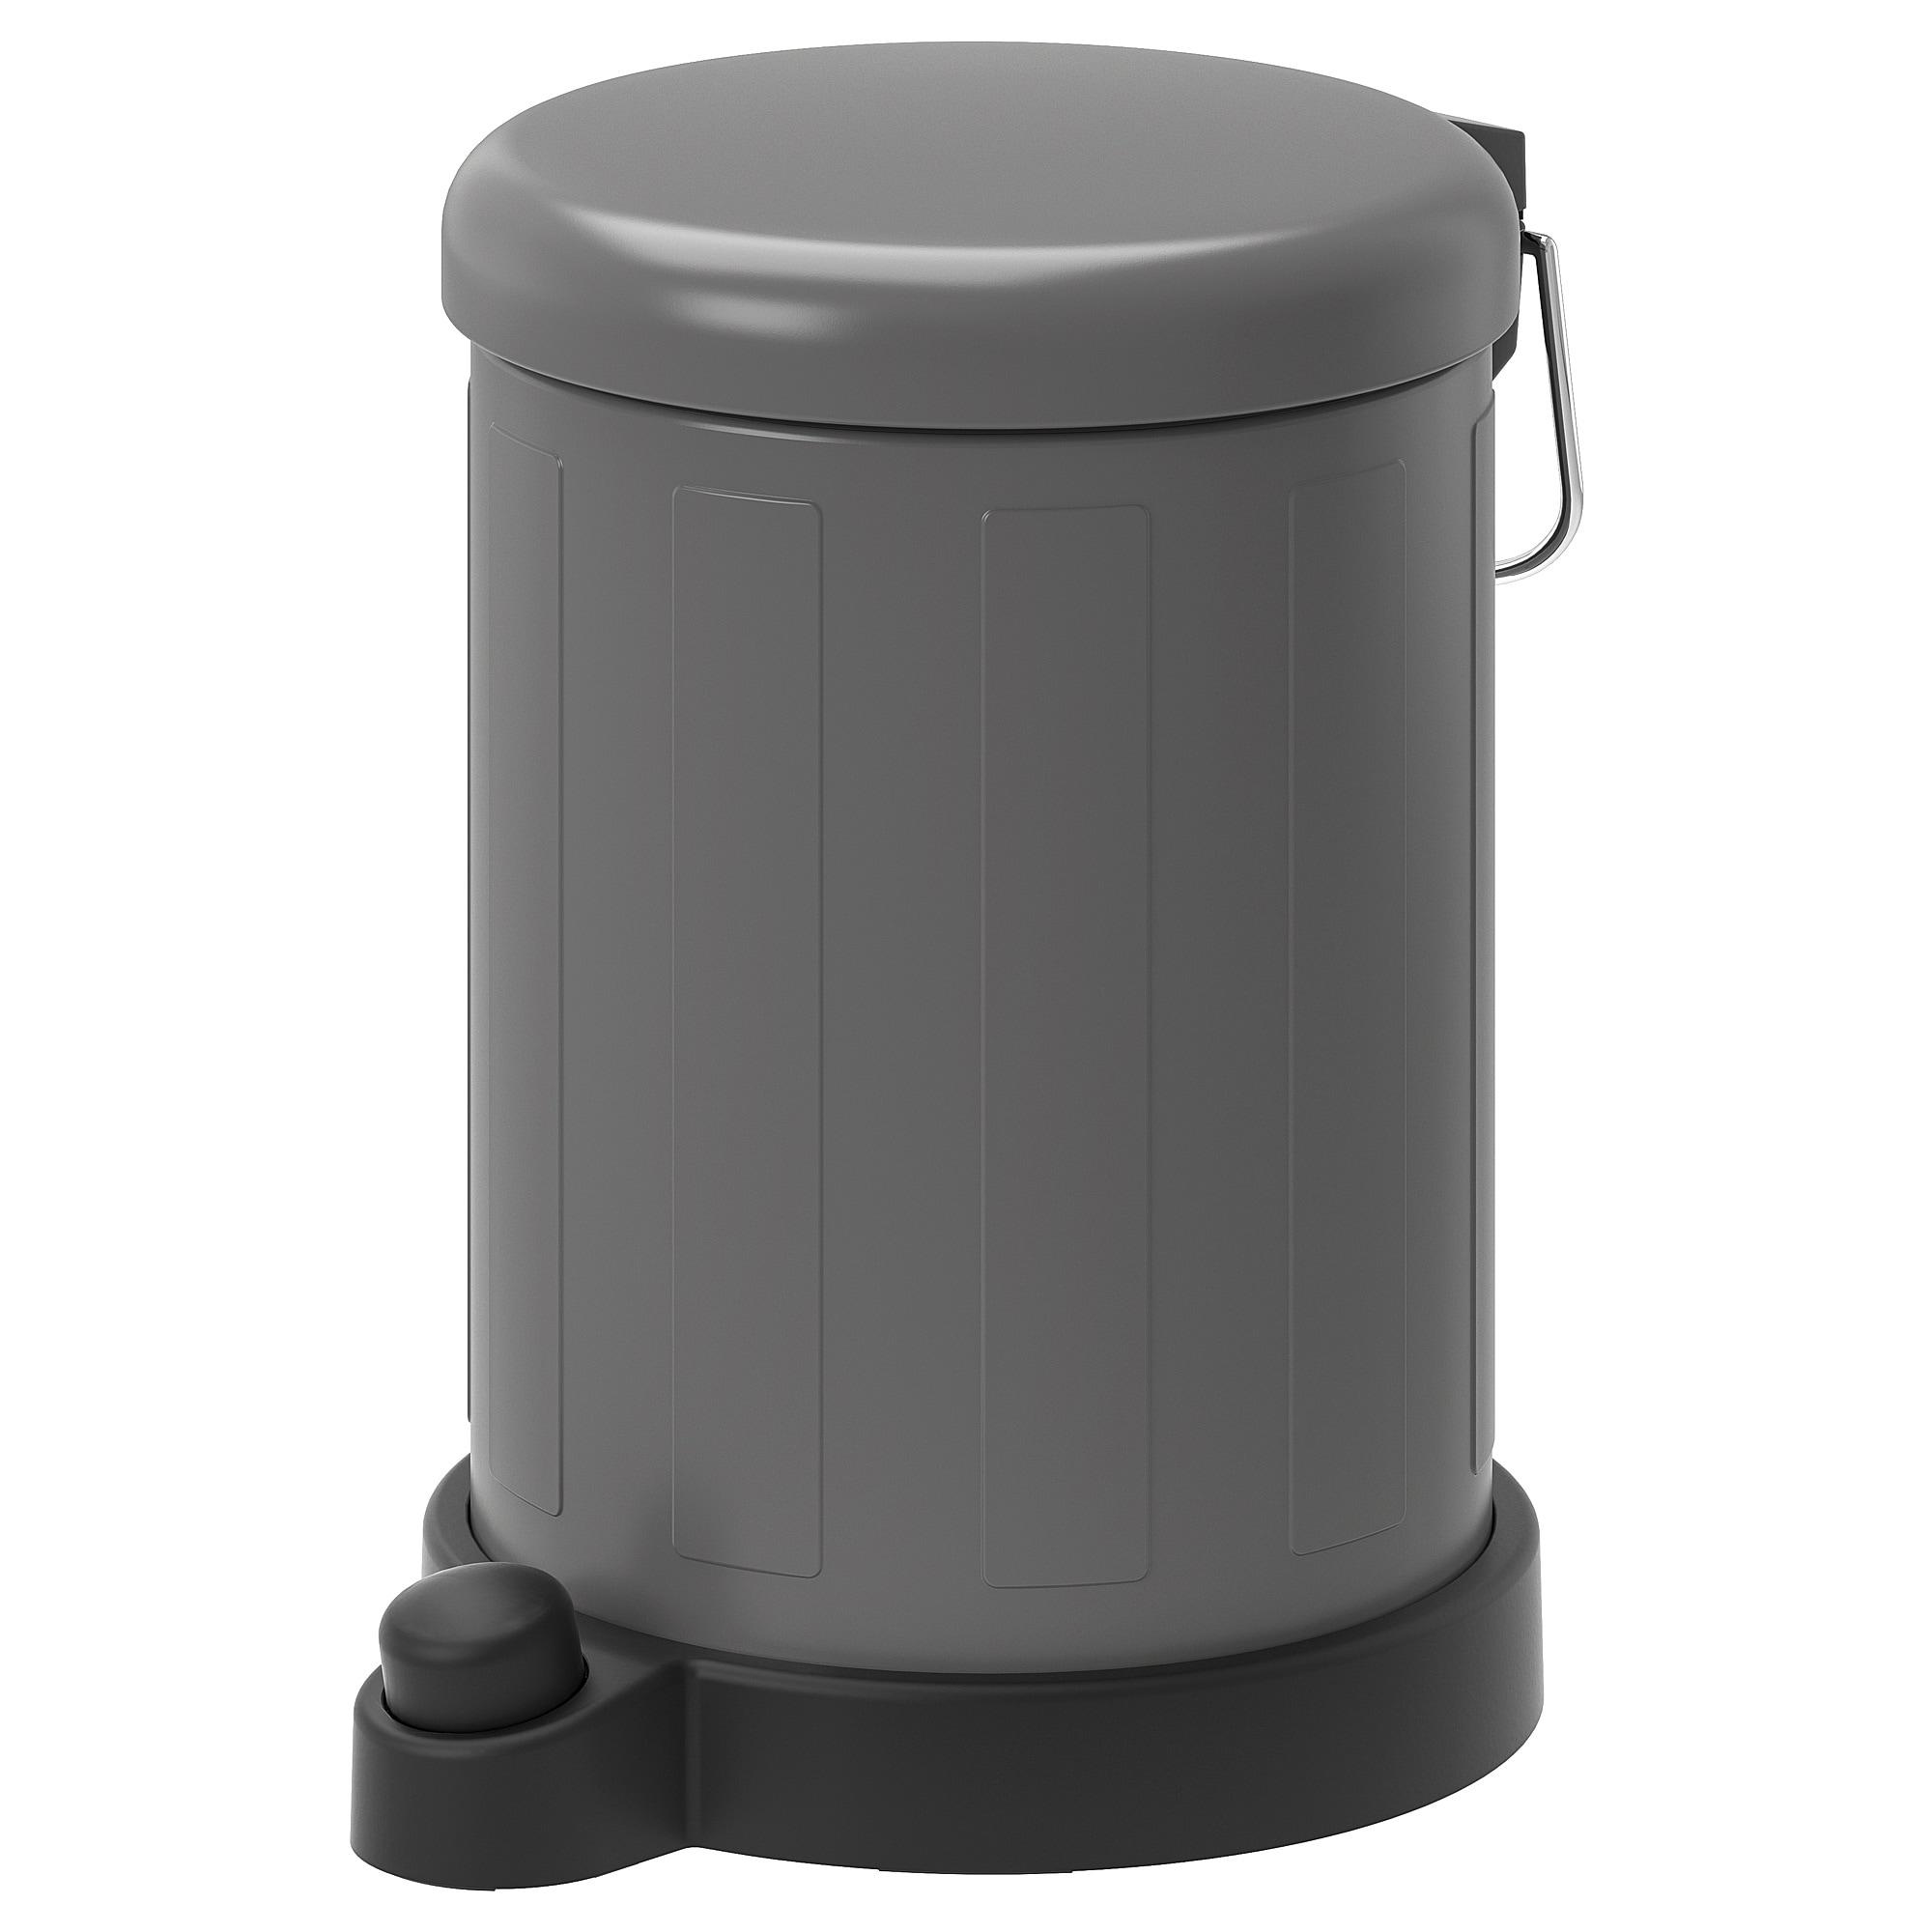 Full Size of Abfallbehälter Ikea Business Industrie Abfallbehlter Zubehr Sortera Küche Kaufen Betten Bei Kosten Sofa Mit Schlaffunktion Modulküche 160x200 Miniküche Wohnzimmer Abfallbehälter Ikea